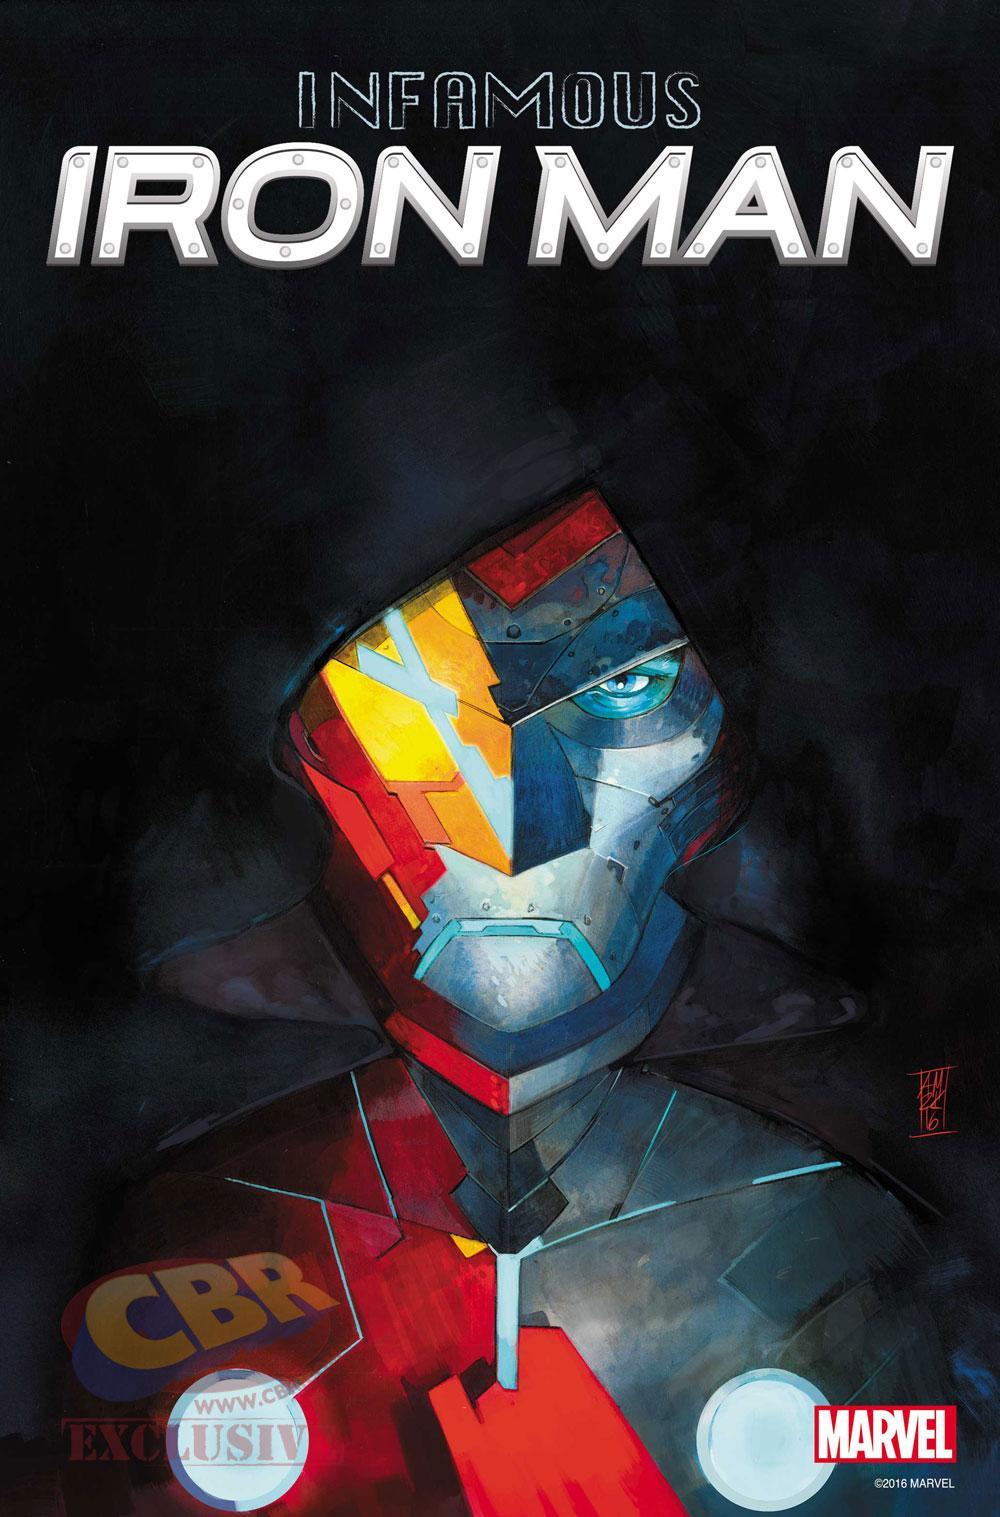 """Portada de """"Infamous Iron Man"""" #1, por Alex Maleev. """"Hay un nuevo Iron Man en la ciudad y su nombre es Victor Von Doom. Uno de los mayores villanos del universo Marvel intentará algo nuevo. Donde Tony Stark falló, Doom tendrá éxito. ¿Cuál es el plan maestro de Doom?"""""""